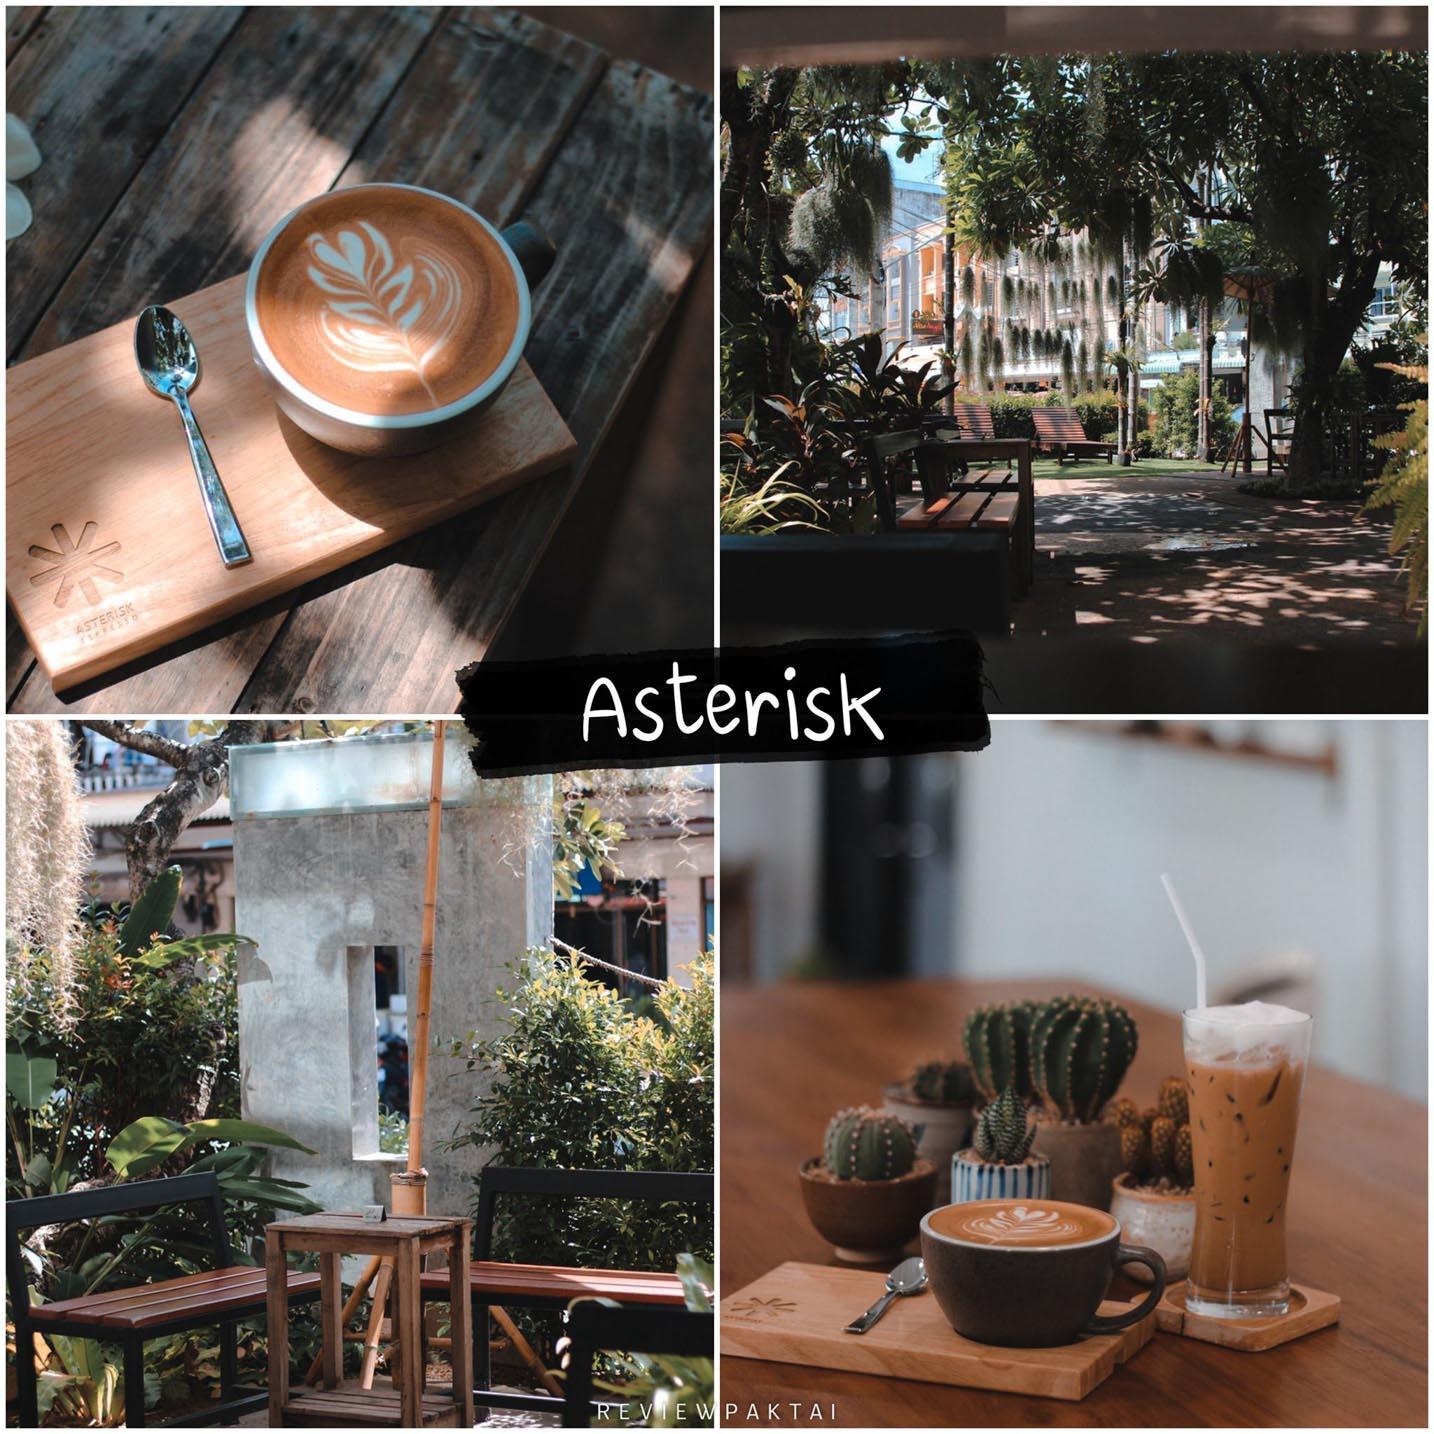 จุดเช็คอินสายชิล Asterisk espresso กาแฟดี ร้านมีทีเด็ดเรื่องกาแฟ คอกาแฟจะปลื้มแน่นอนที่นี้ ที่ร้านมีกาแฟหลายสายพันธุ์ให้เลือกให้ลอง ไม่มาคือพลาดมากแม่!! คลิกที่นี่ภูเก็ต,ที่พัก,โรงแรม,รีสอร์ท,สถานที่ท่องเที่ยว,ของกิน,จุดเช็คอิน,ที่เที่ยว,จุดถ่ายรูป